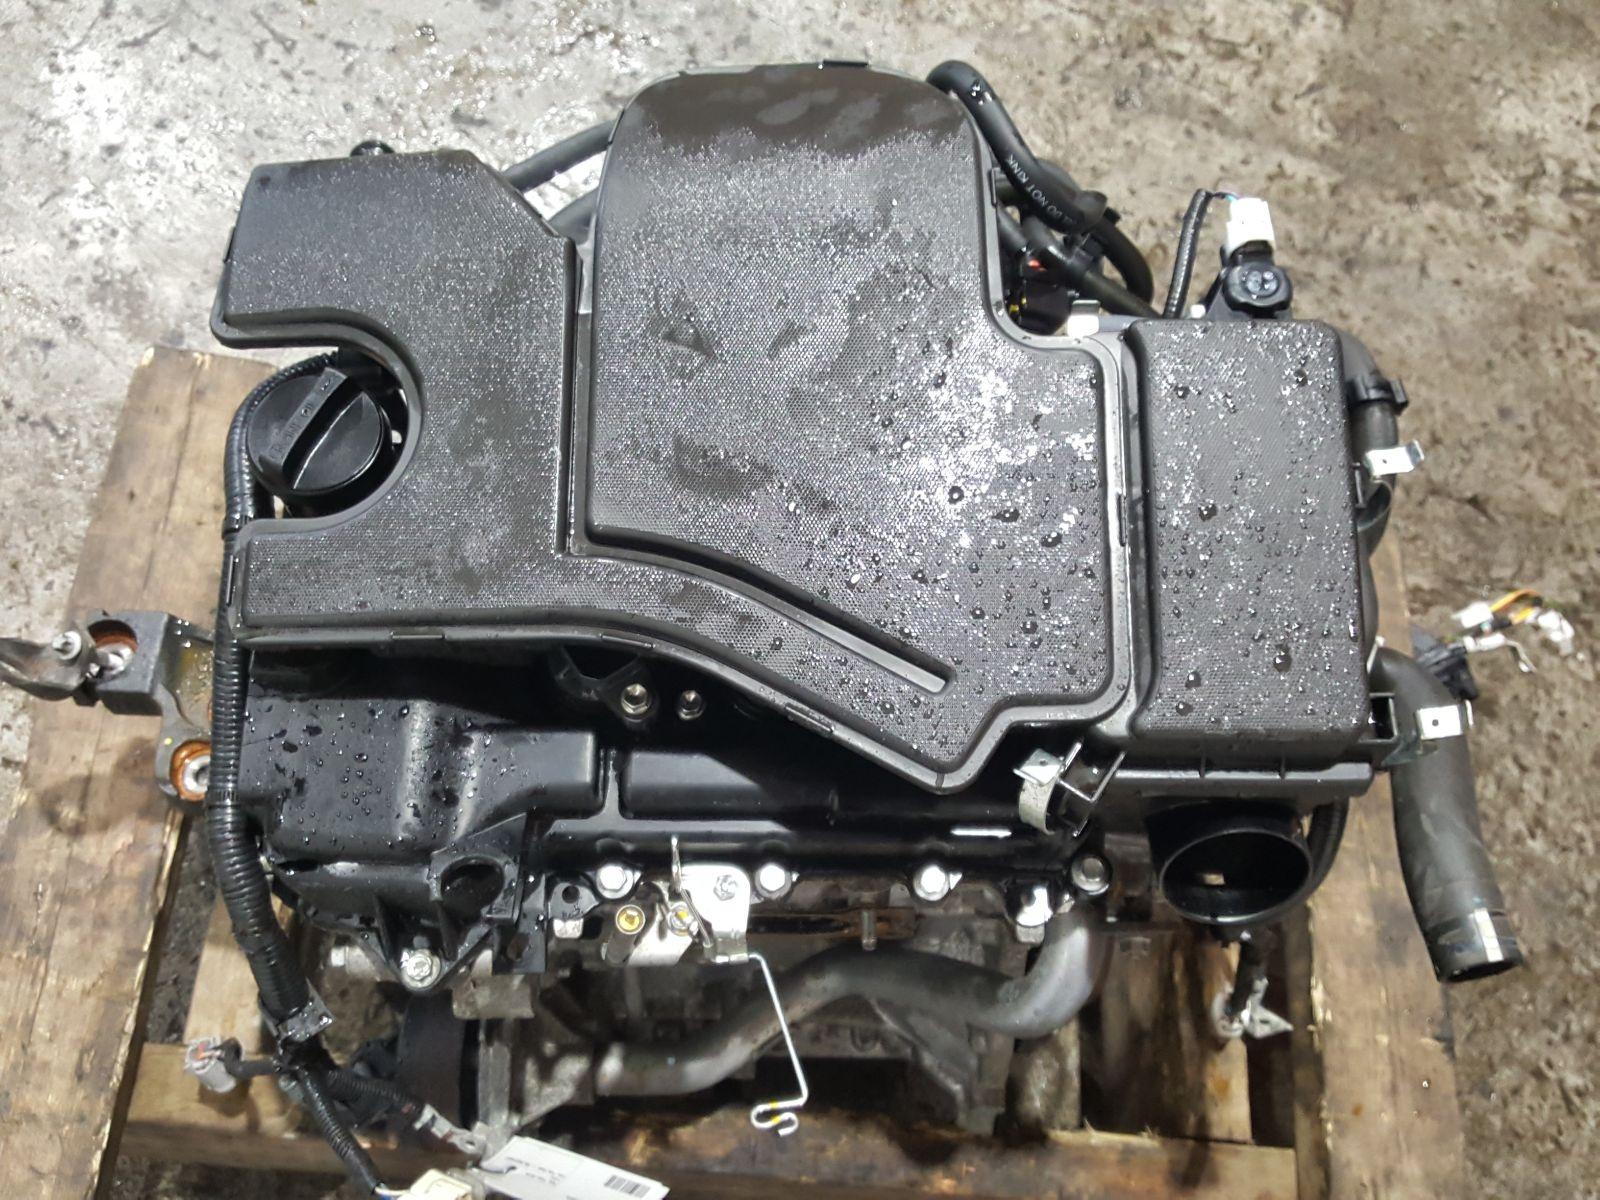 Citroen C1 2014 On 1.0 Engine 1KR (RA) **6162 Miles**